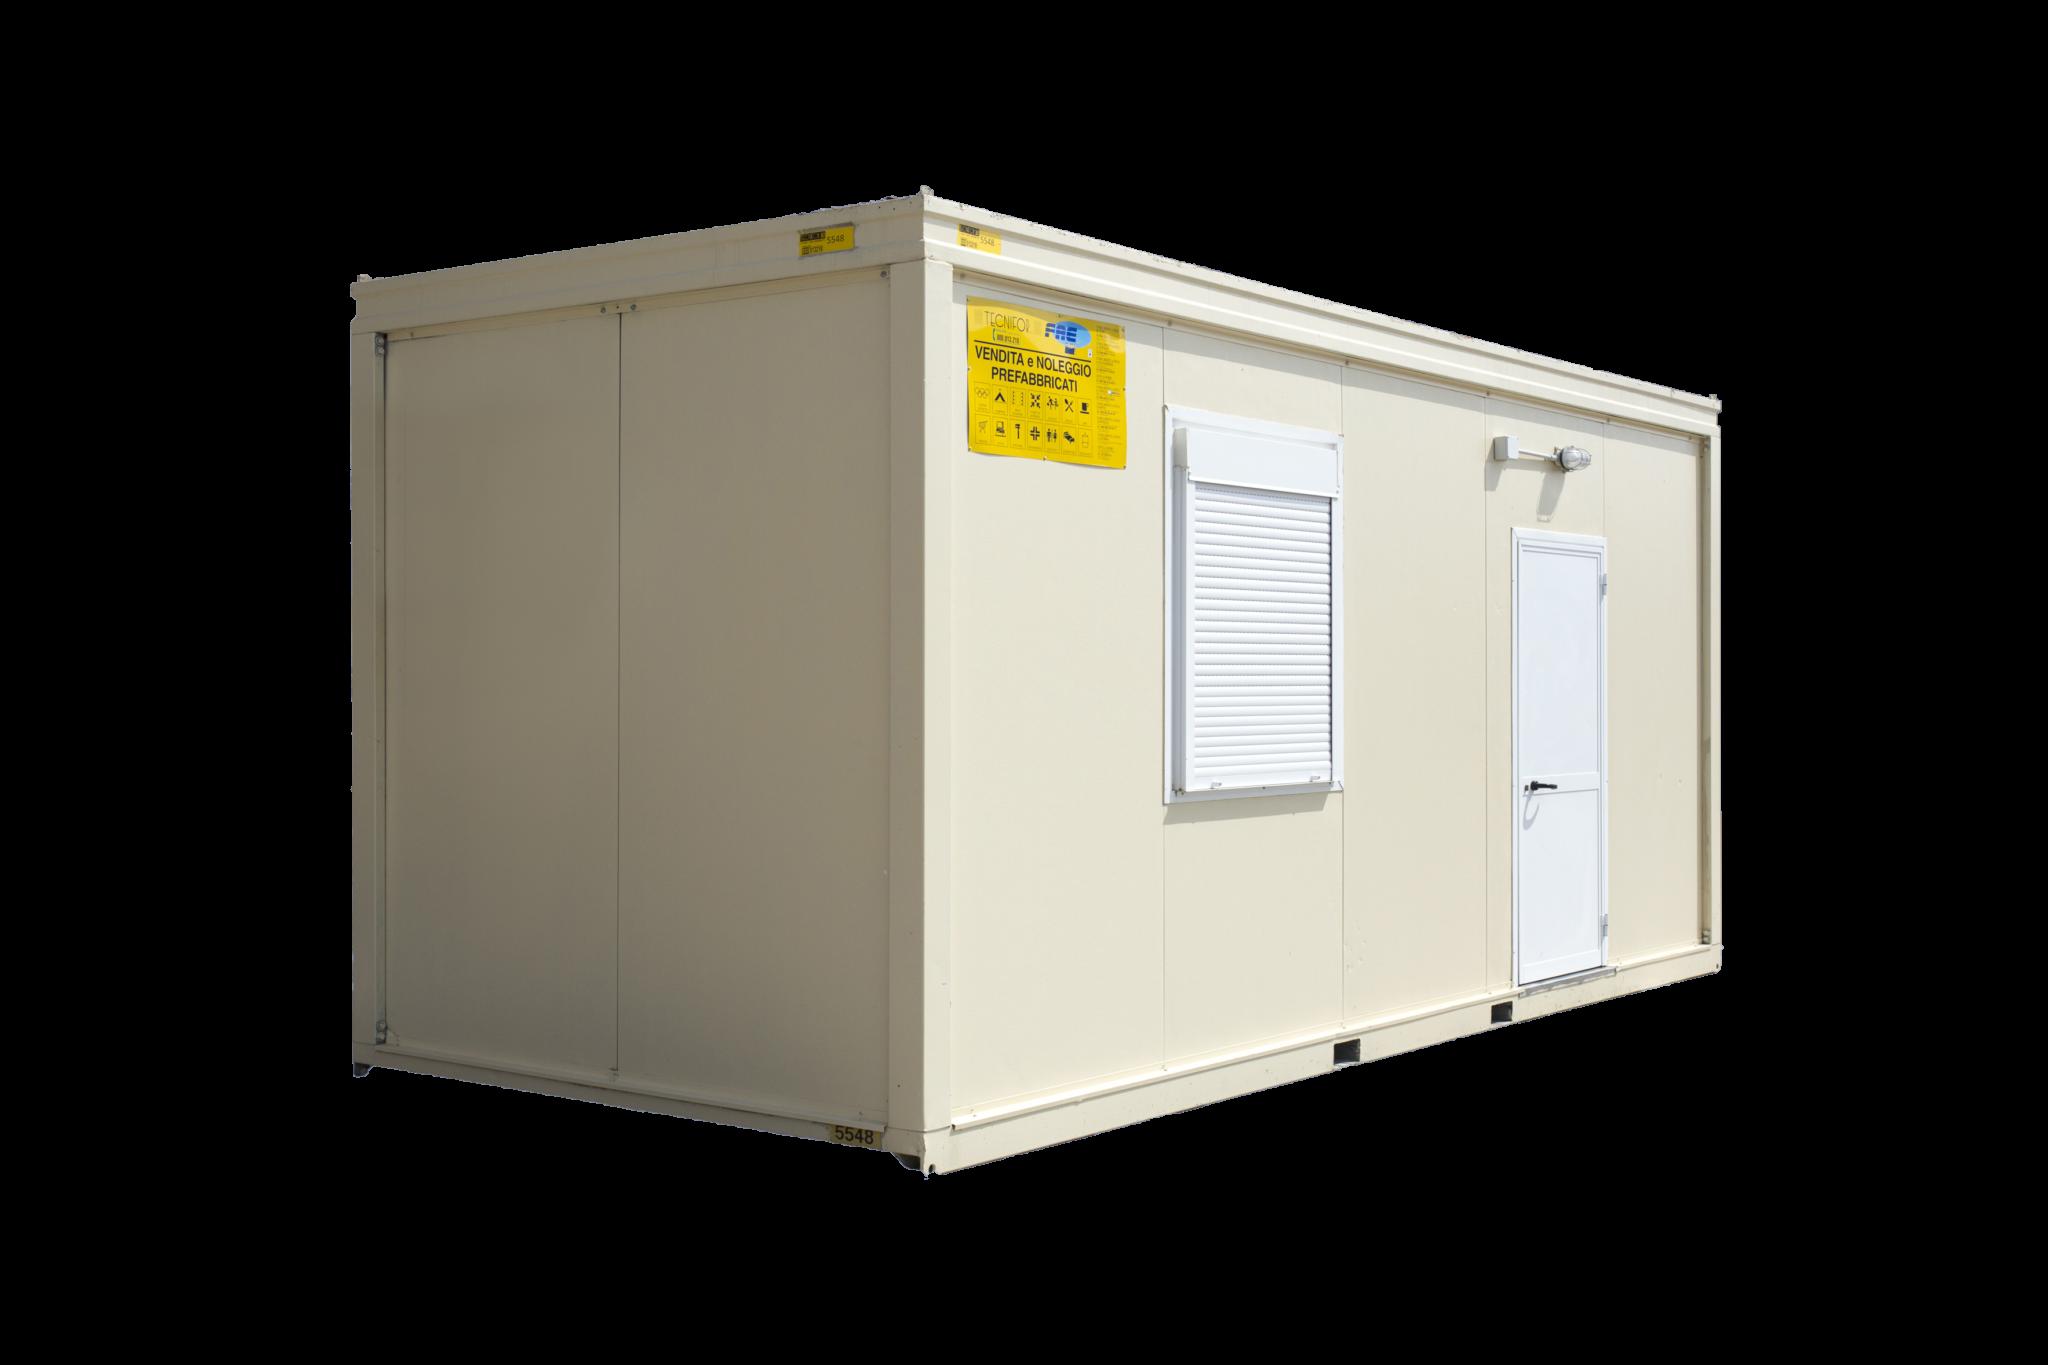 Bagni modulari prefabbricati monoblocco c s eurofiere for Prezzi case container